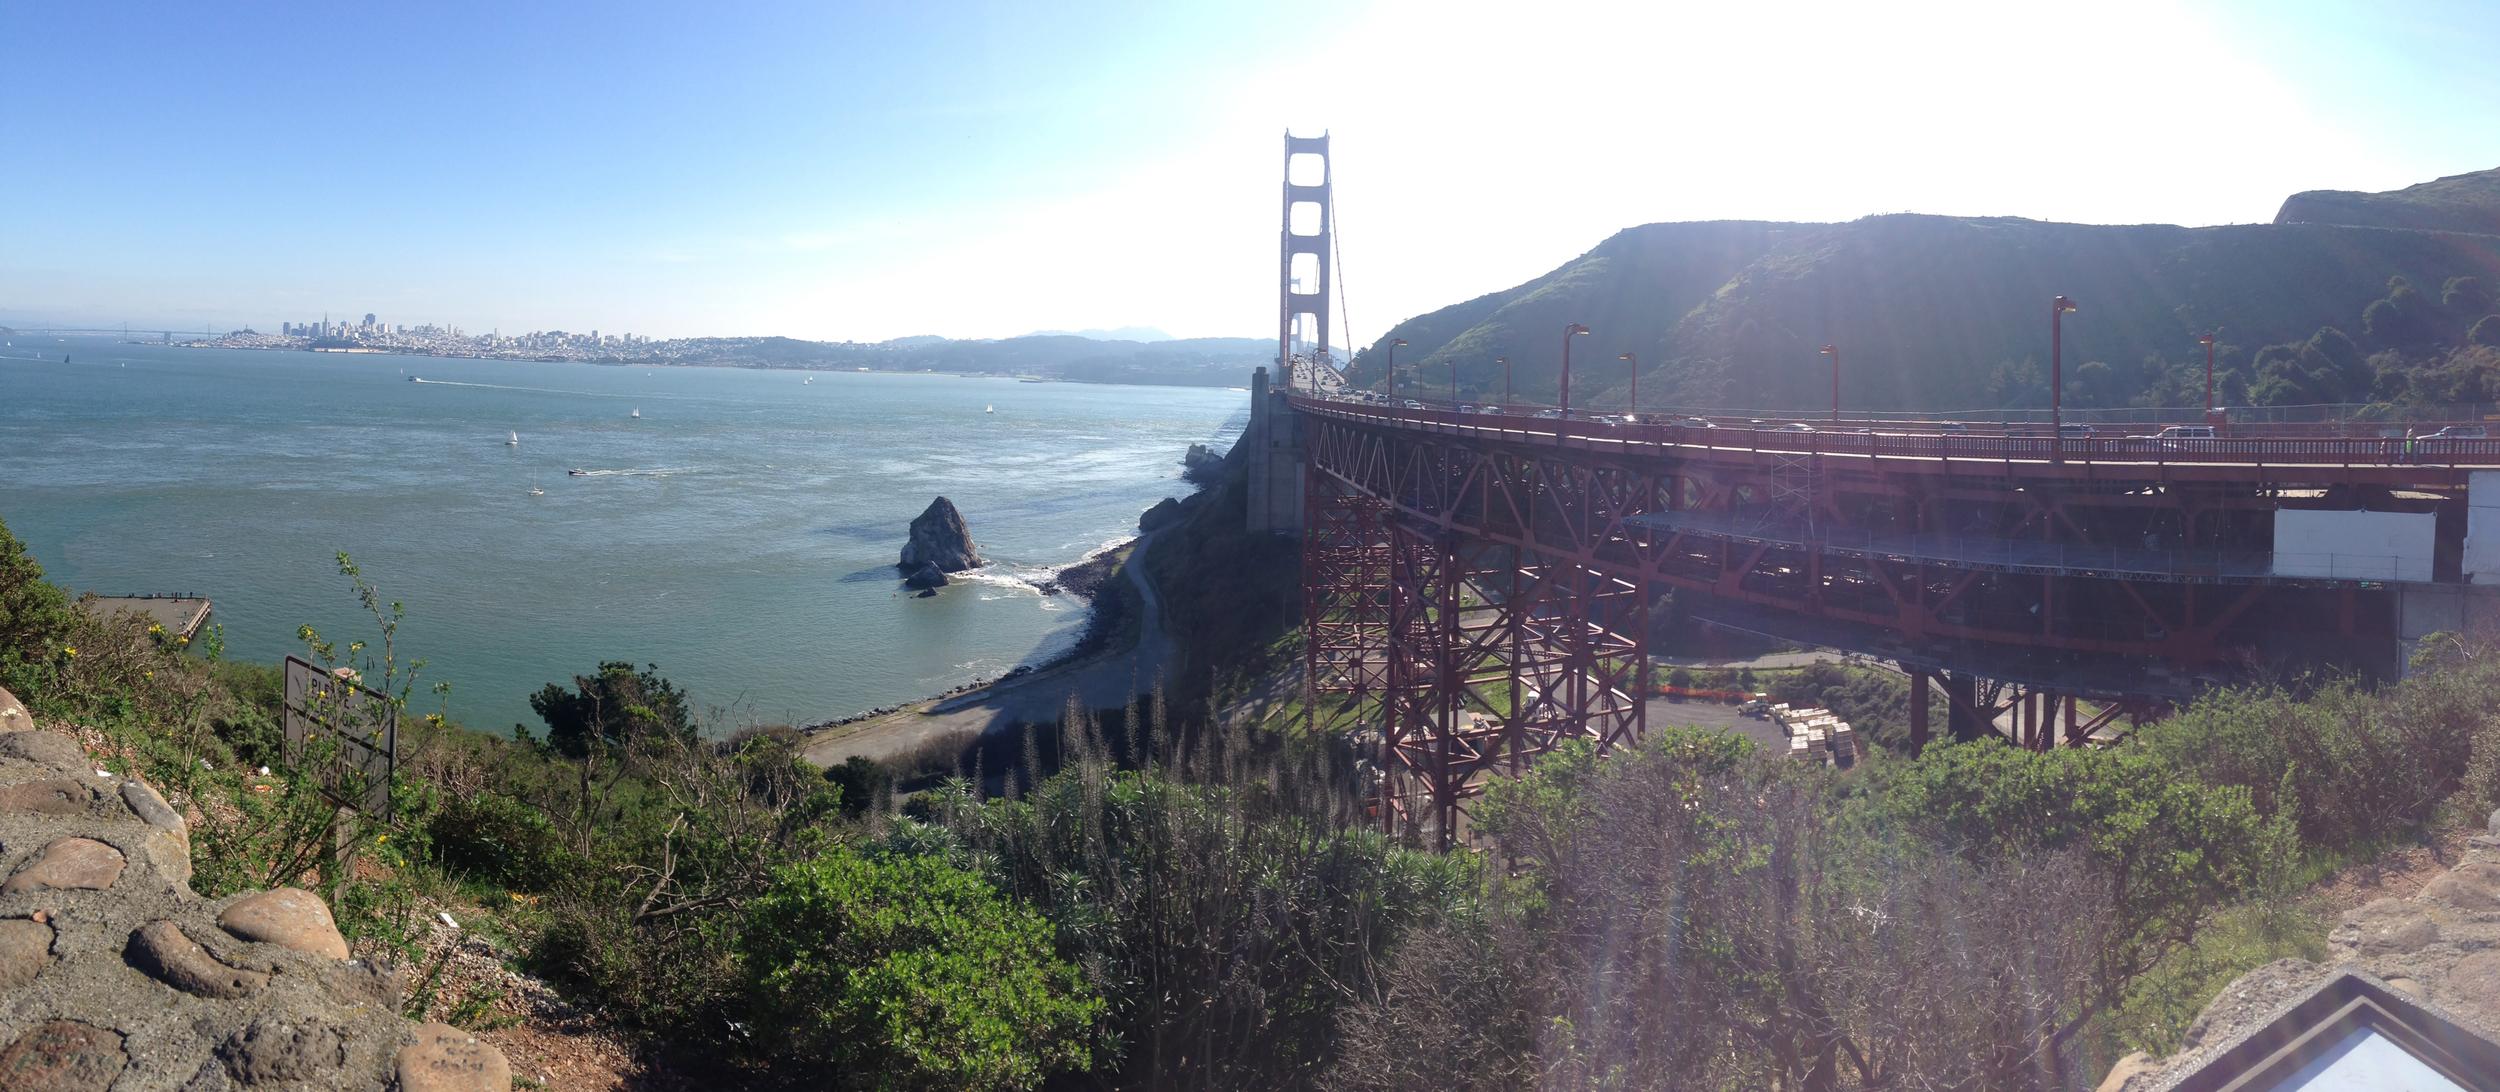 San Francisco, Ca - January 19, 2015